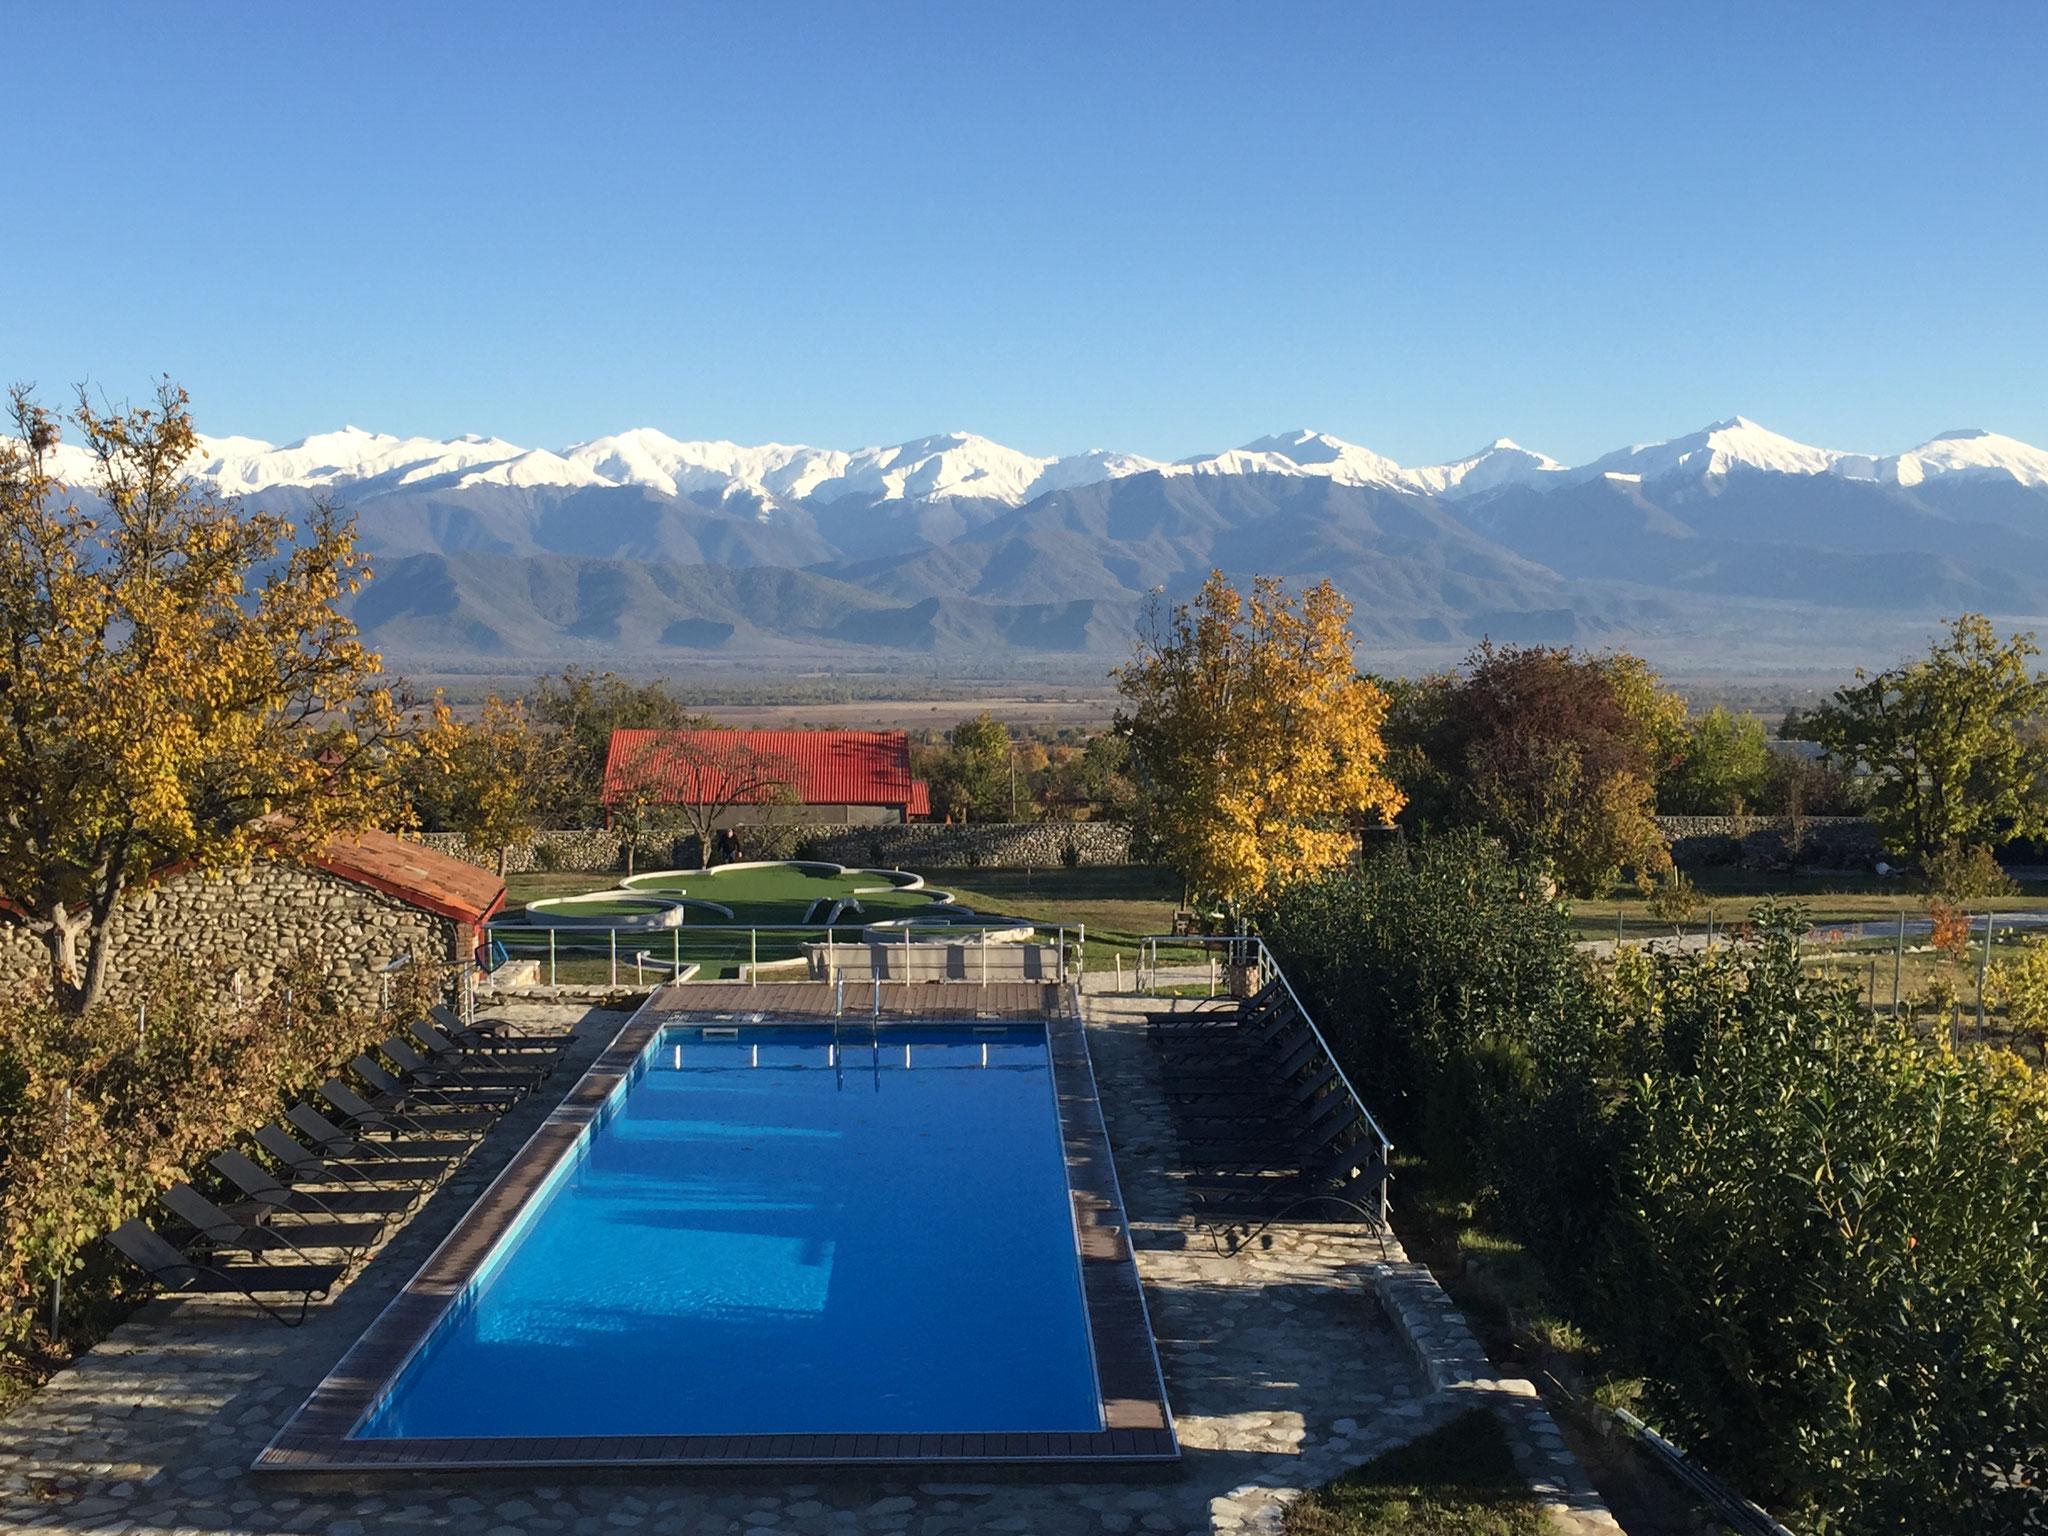 Swimmingpool im Chateau Schuchmann